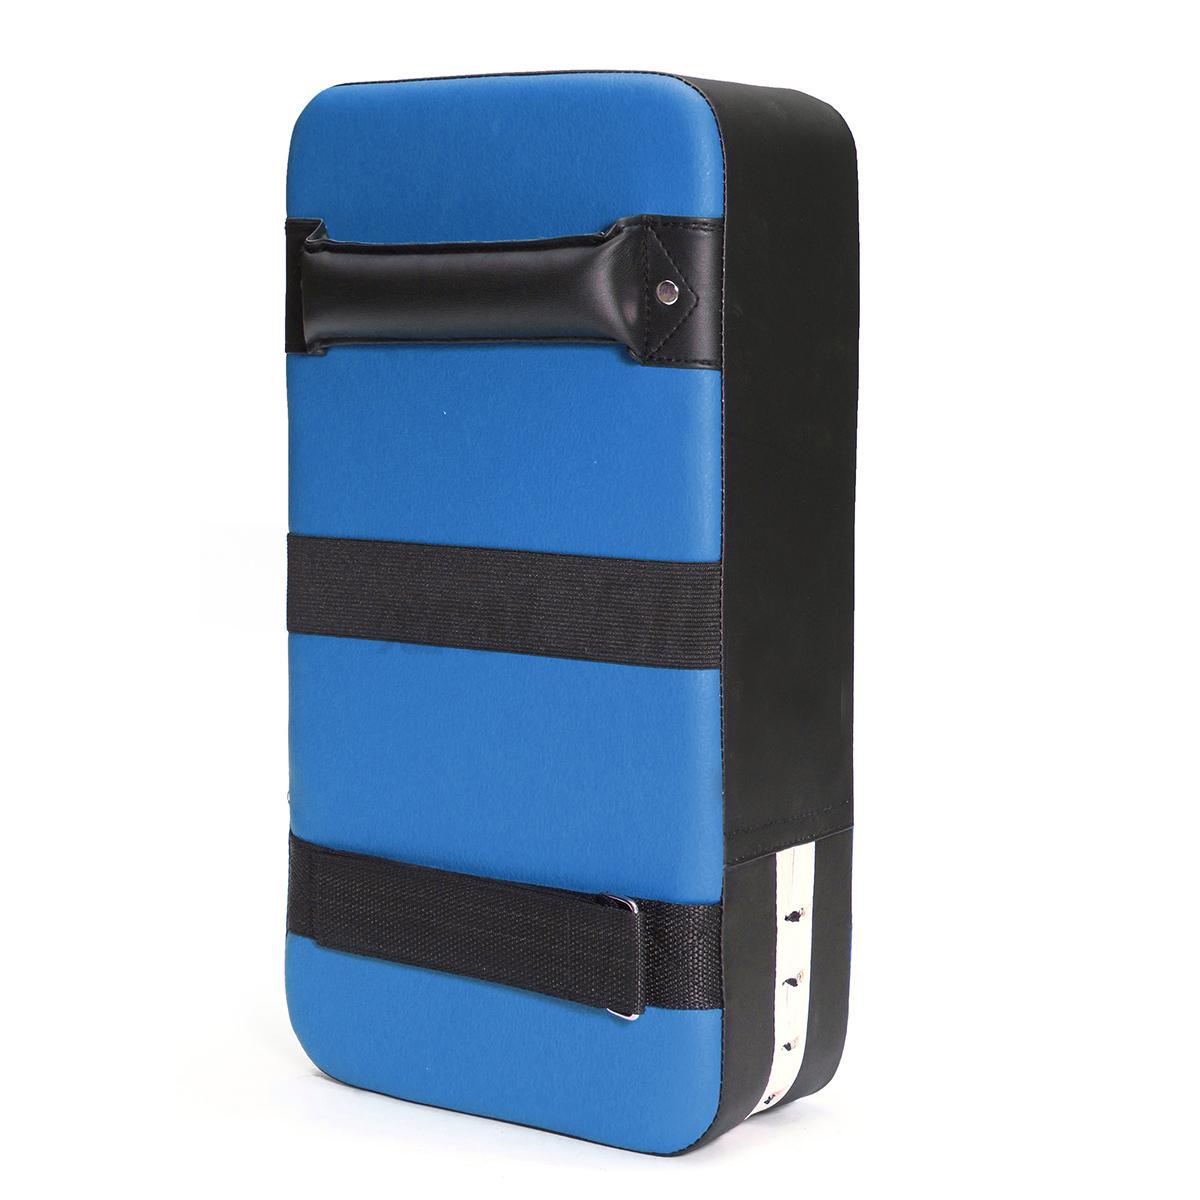 PU-Cible-Bouclier-de-Frappe-Patte-a-Boxe-Boxing-Exercice-Paos-Muay-Thai-Karate